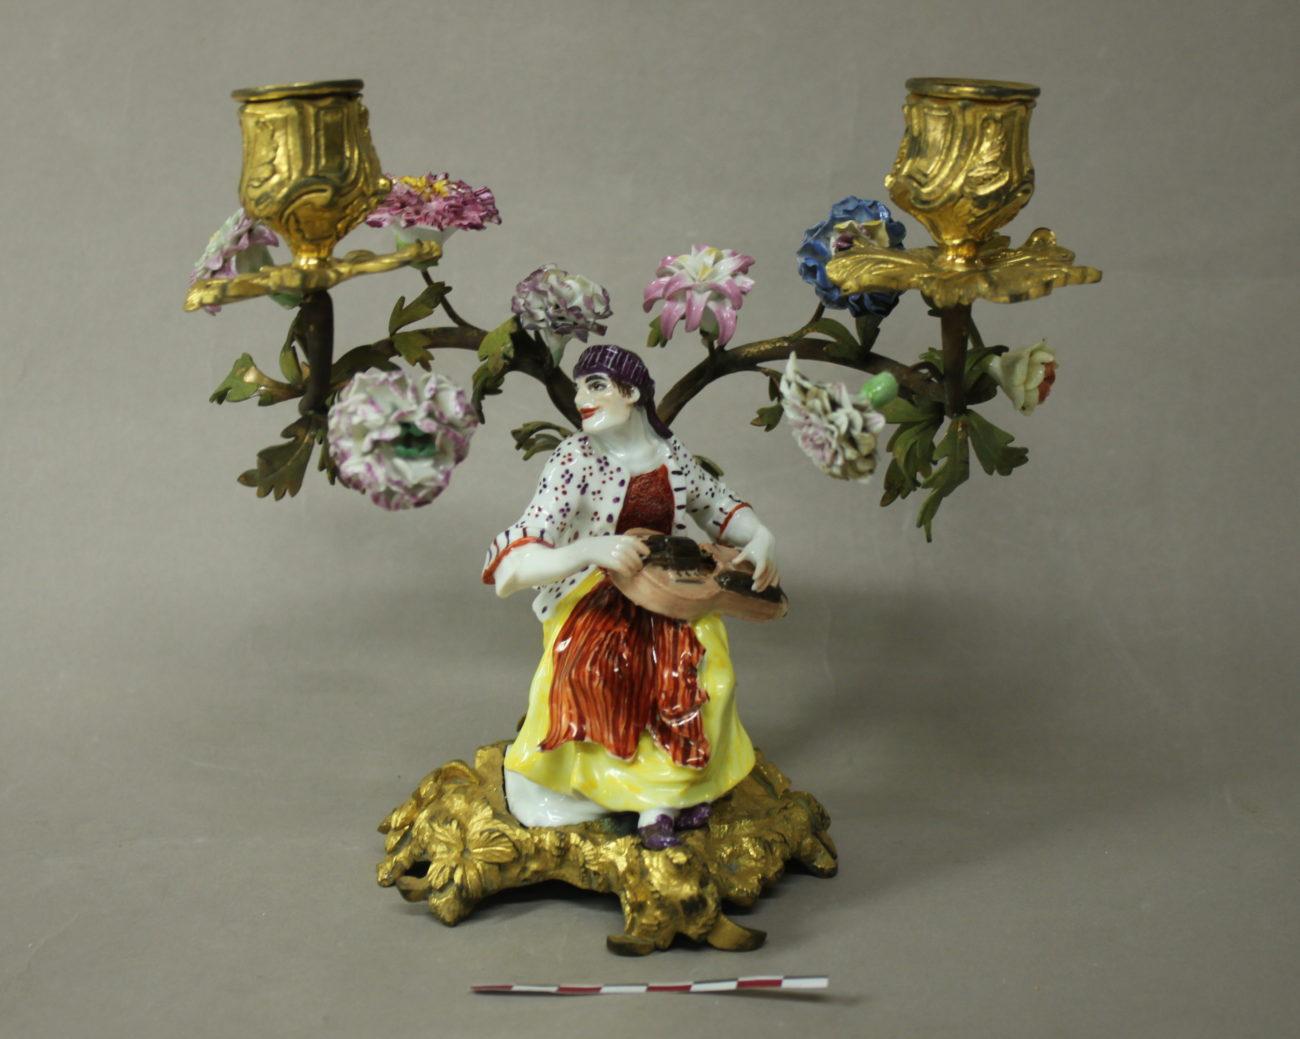 Restauration d'un chandelier en porcelaine de Meissen et bronzes dorés